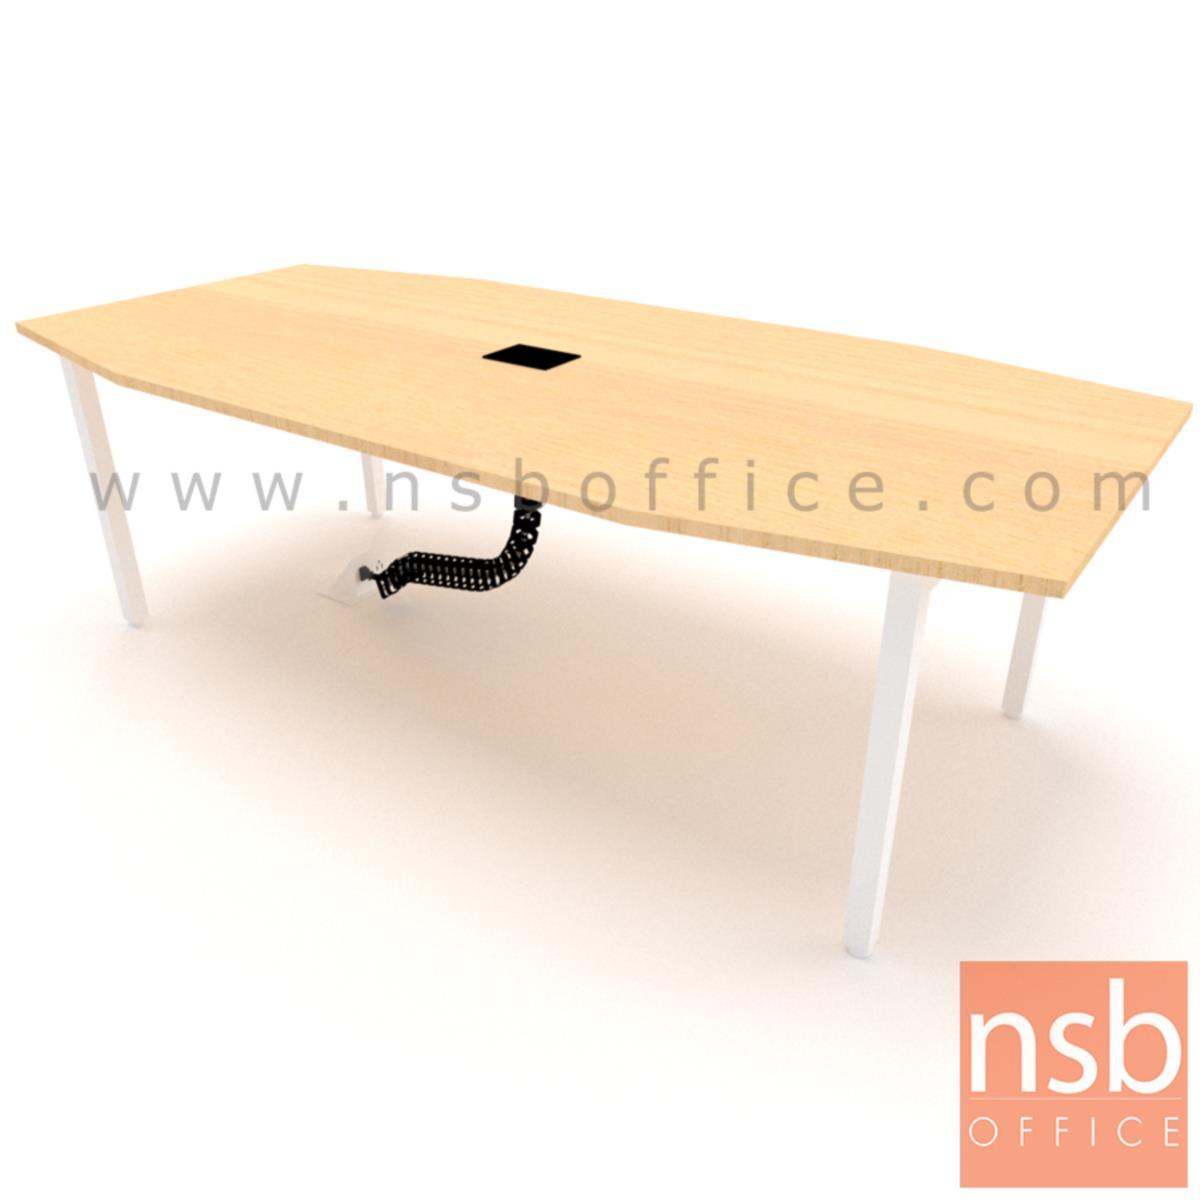 โต๊ะประชุม ทรงเรือ  ขนาด 240W*120D cm. พร้อมป็อบอัพหน้าโต๊ะและกระดูกงูร้อยสายไฟ